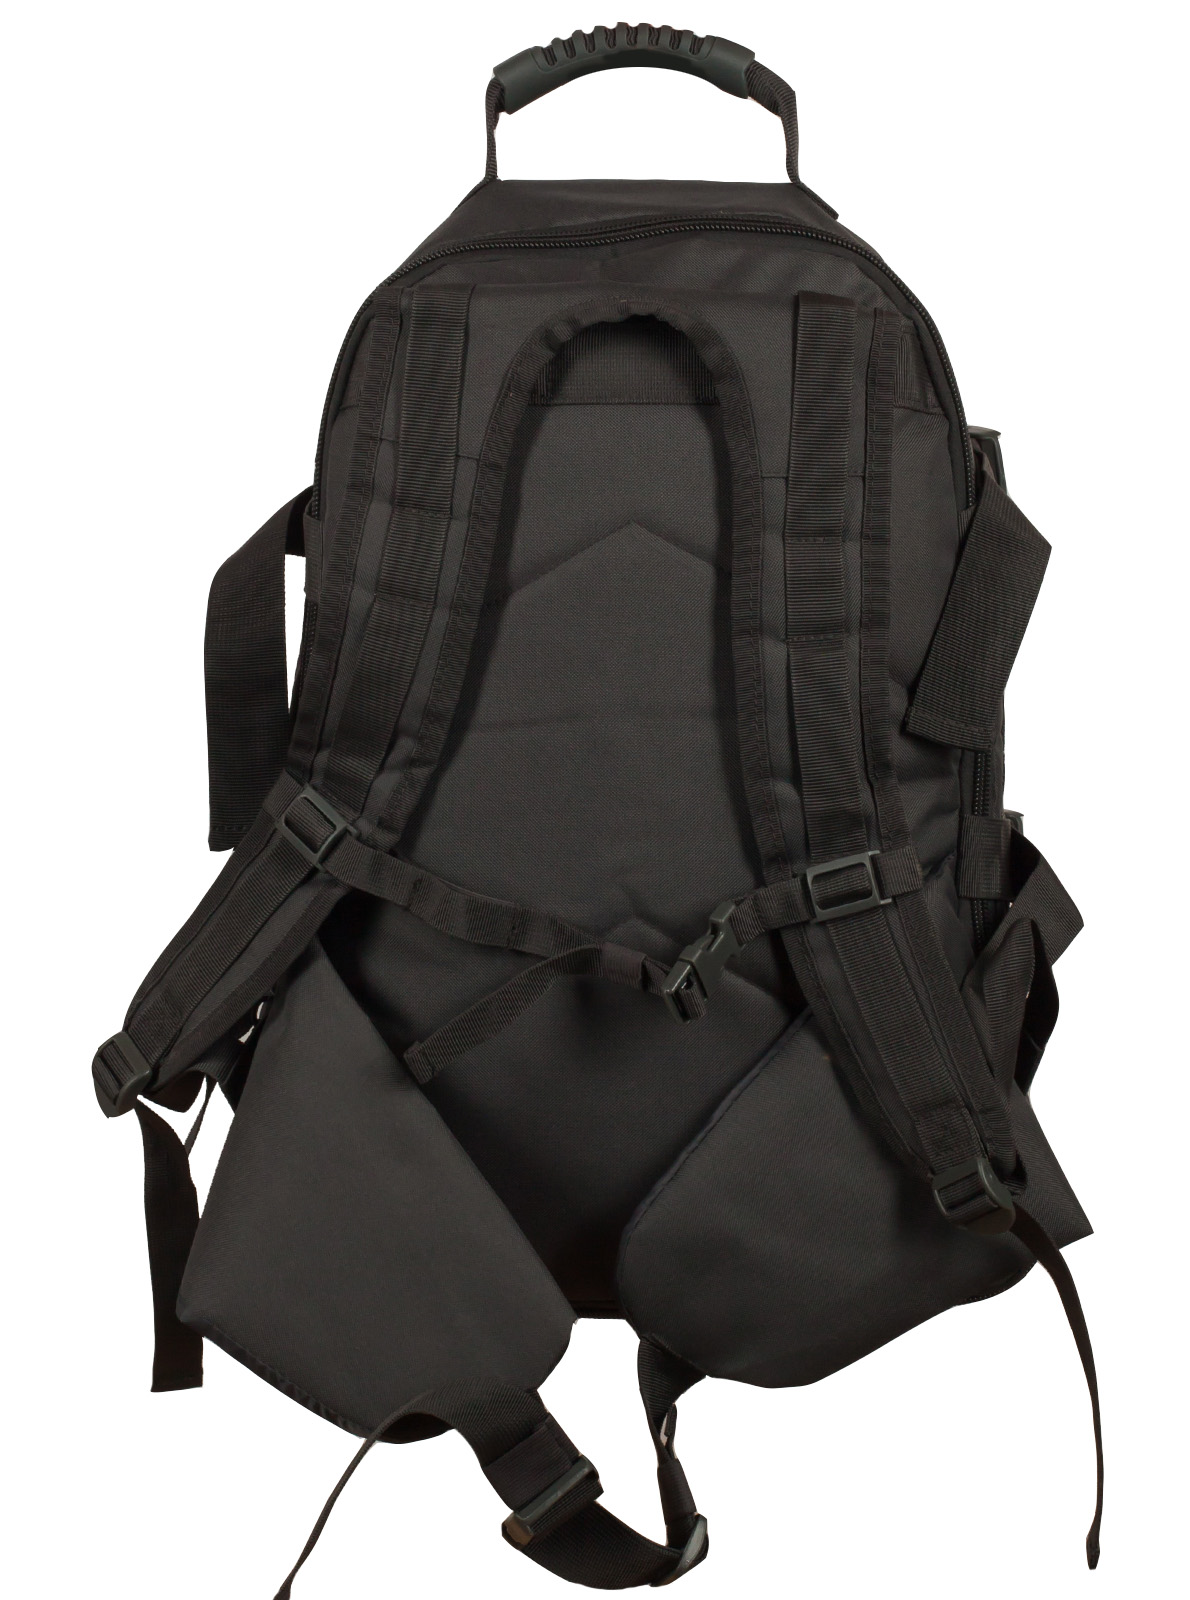 Универсальный крутой рюкзак с нашивкой Русская Охота - заказать в Военпро